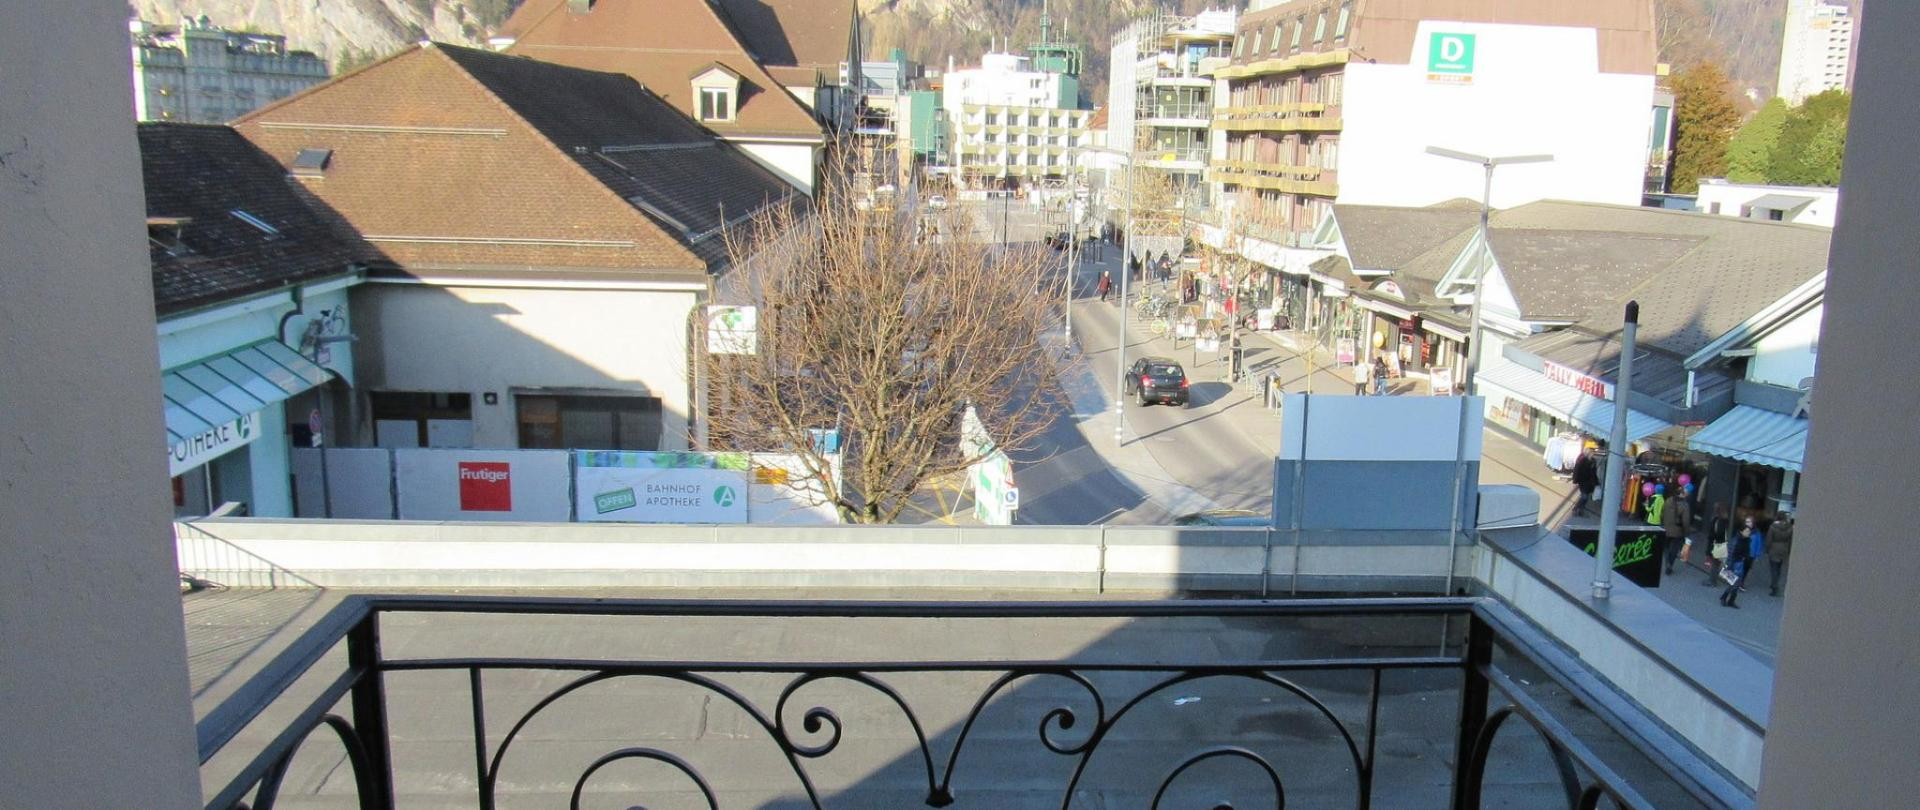 downtownhostel-interlaken_05.jpg